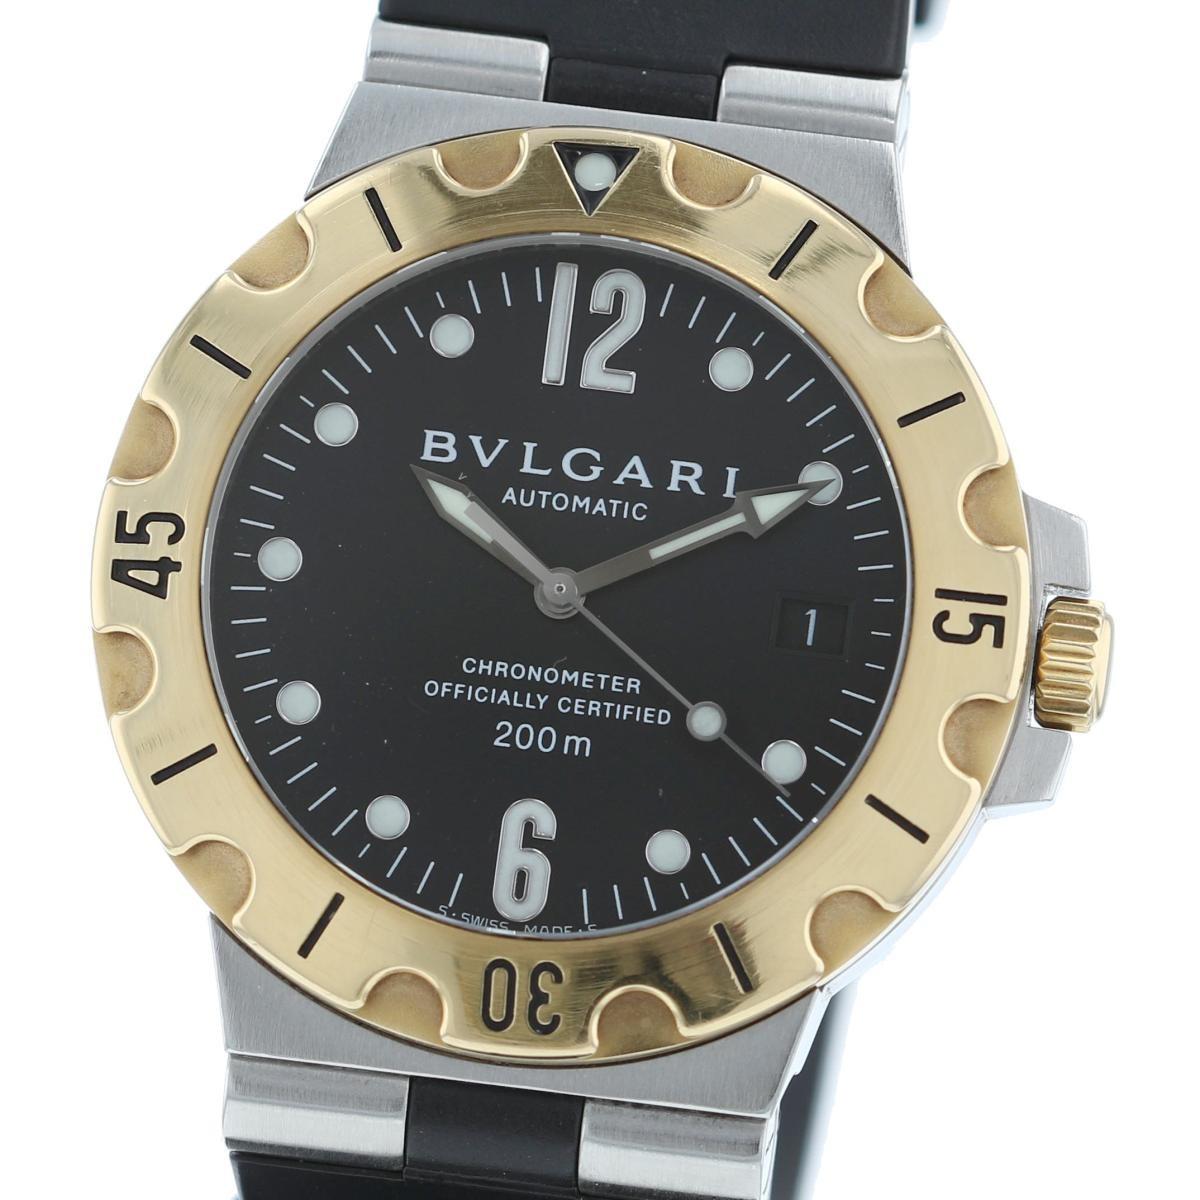 【中古】BVLGARI (ブルガリ) ディアゴノ スクーバ 18K SS 38� 時計 自動巻き/メンズ DIAGONO Black/ブラック SD38SG used:A